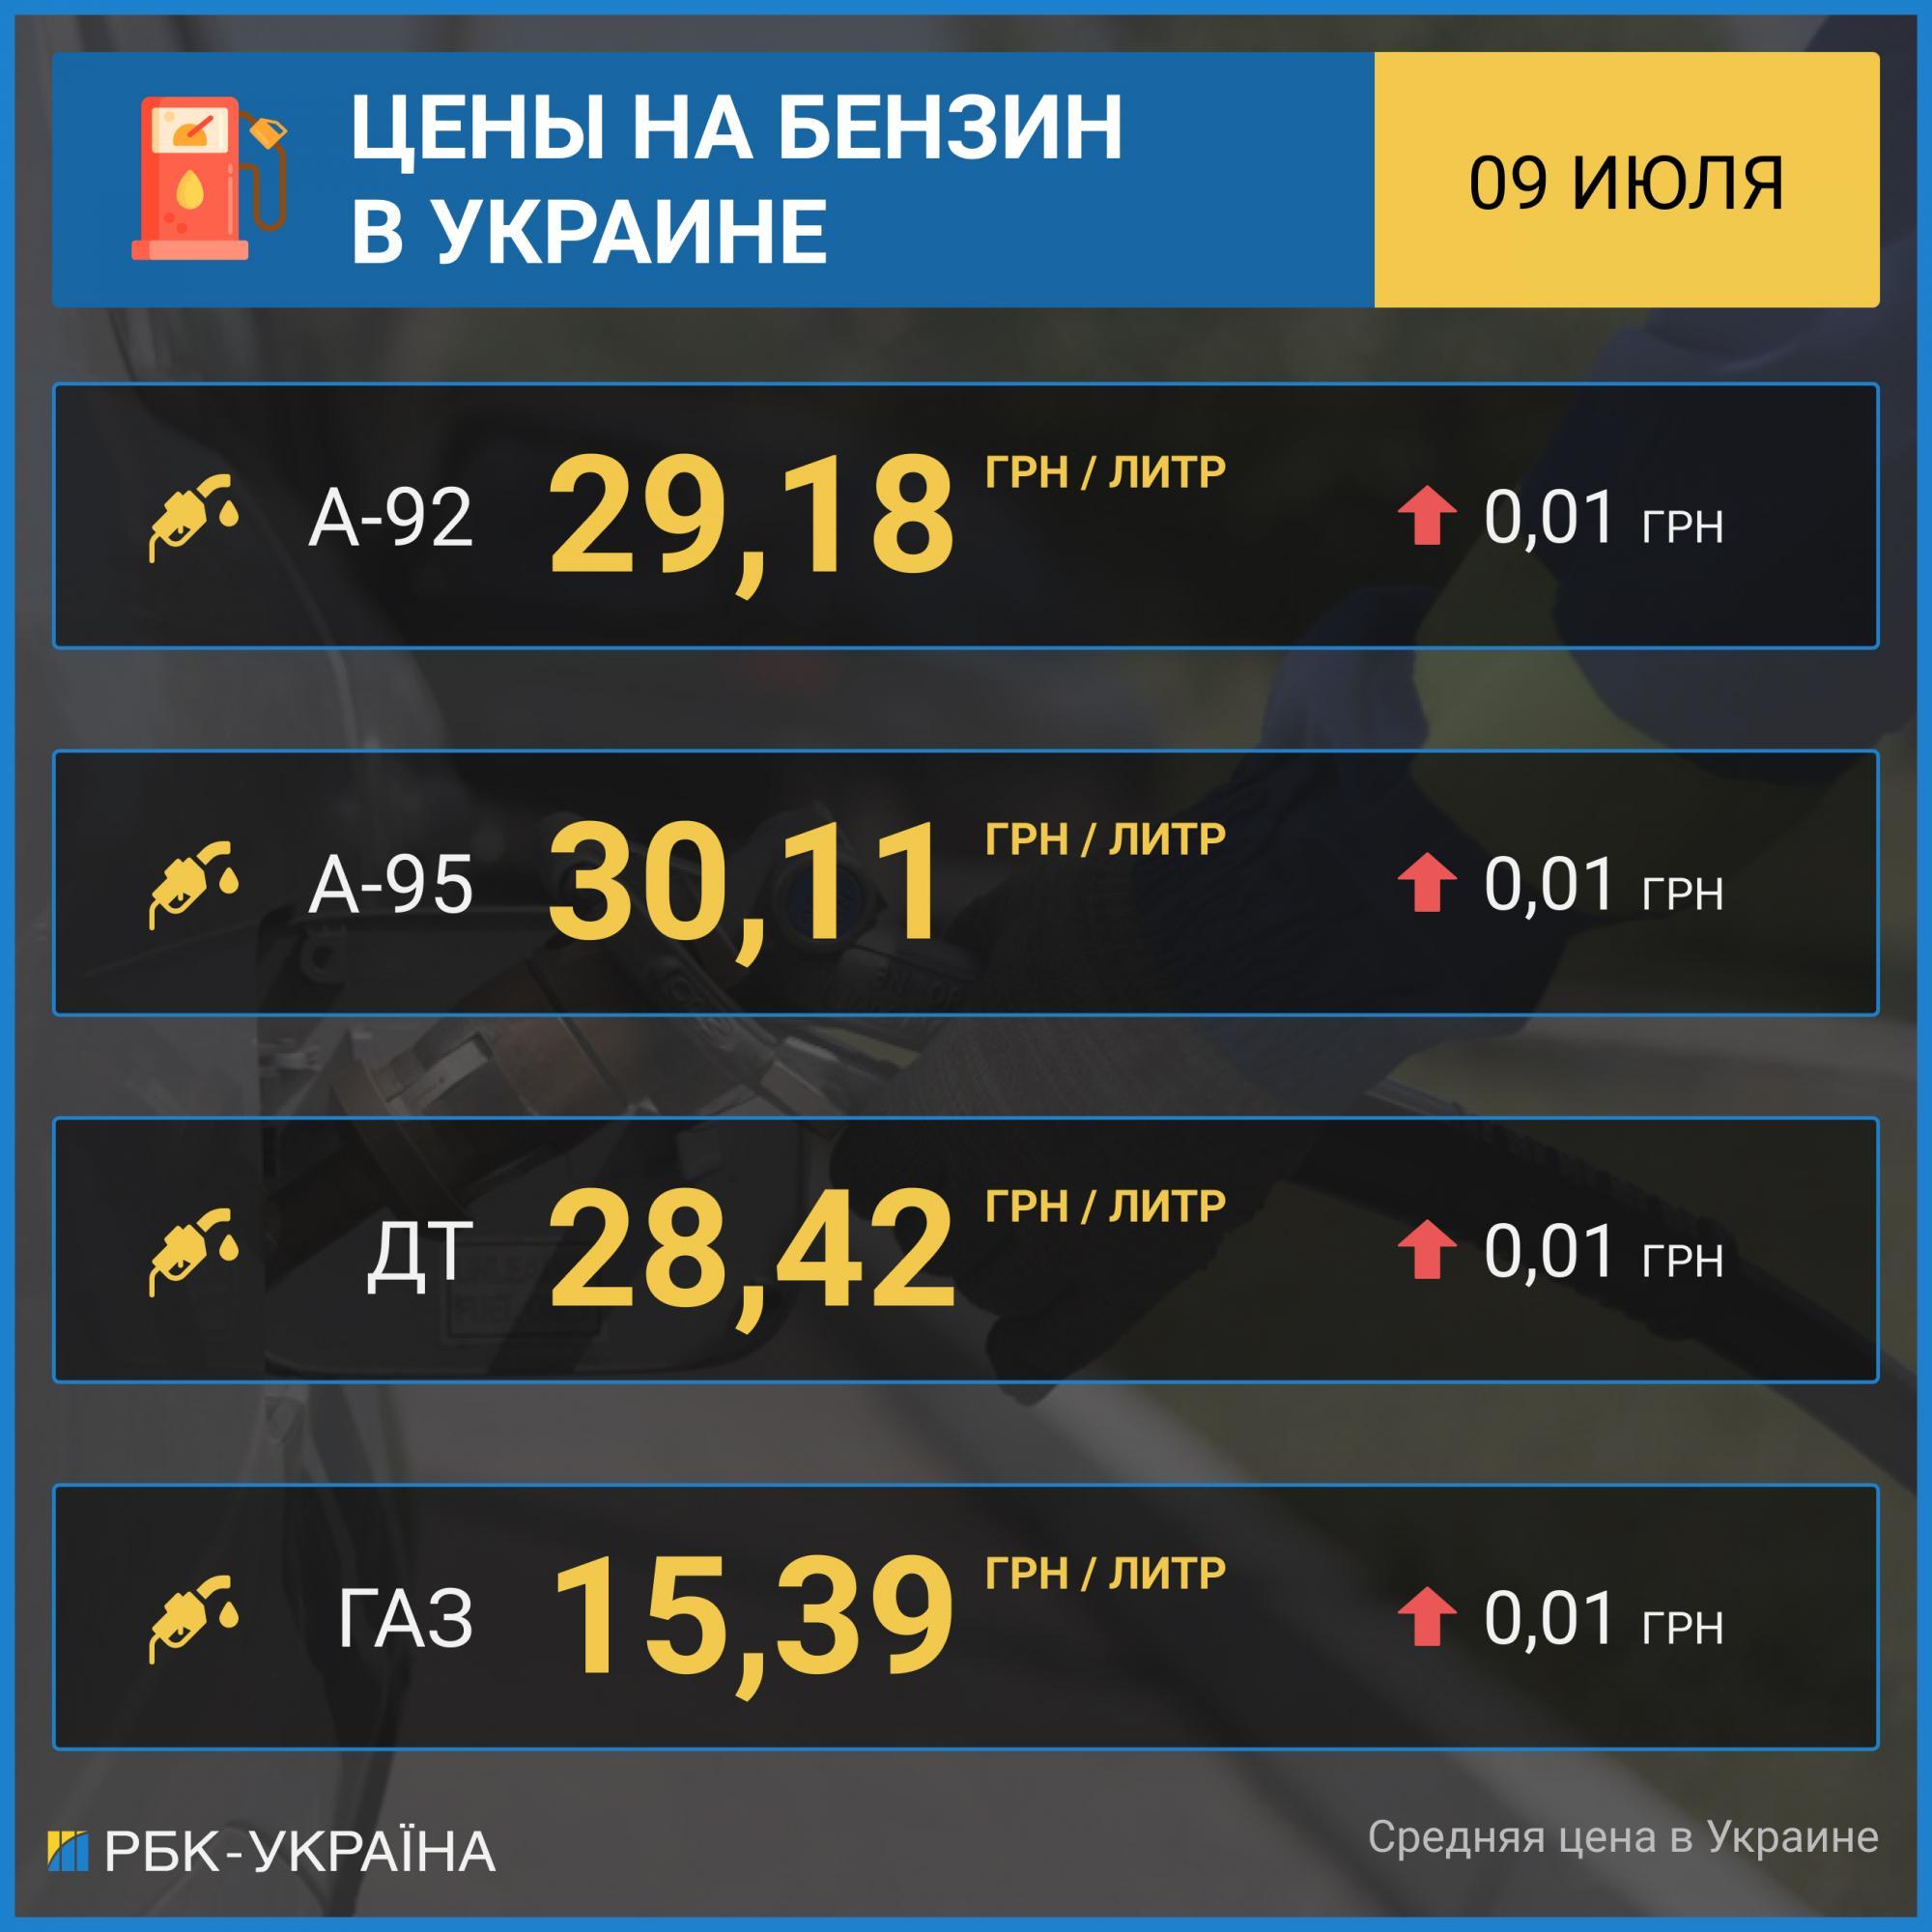 Ціни на АЗС продовжують зростати: дорожчають бензин, ДП і автомобільний газ